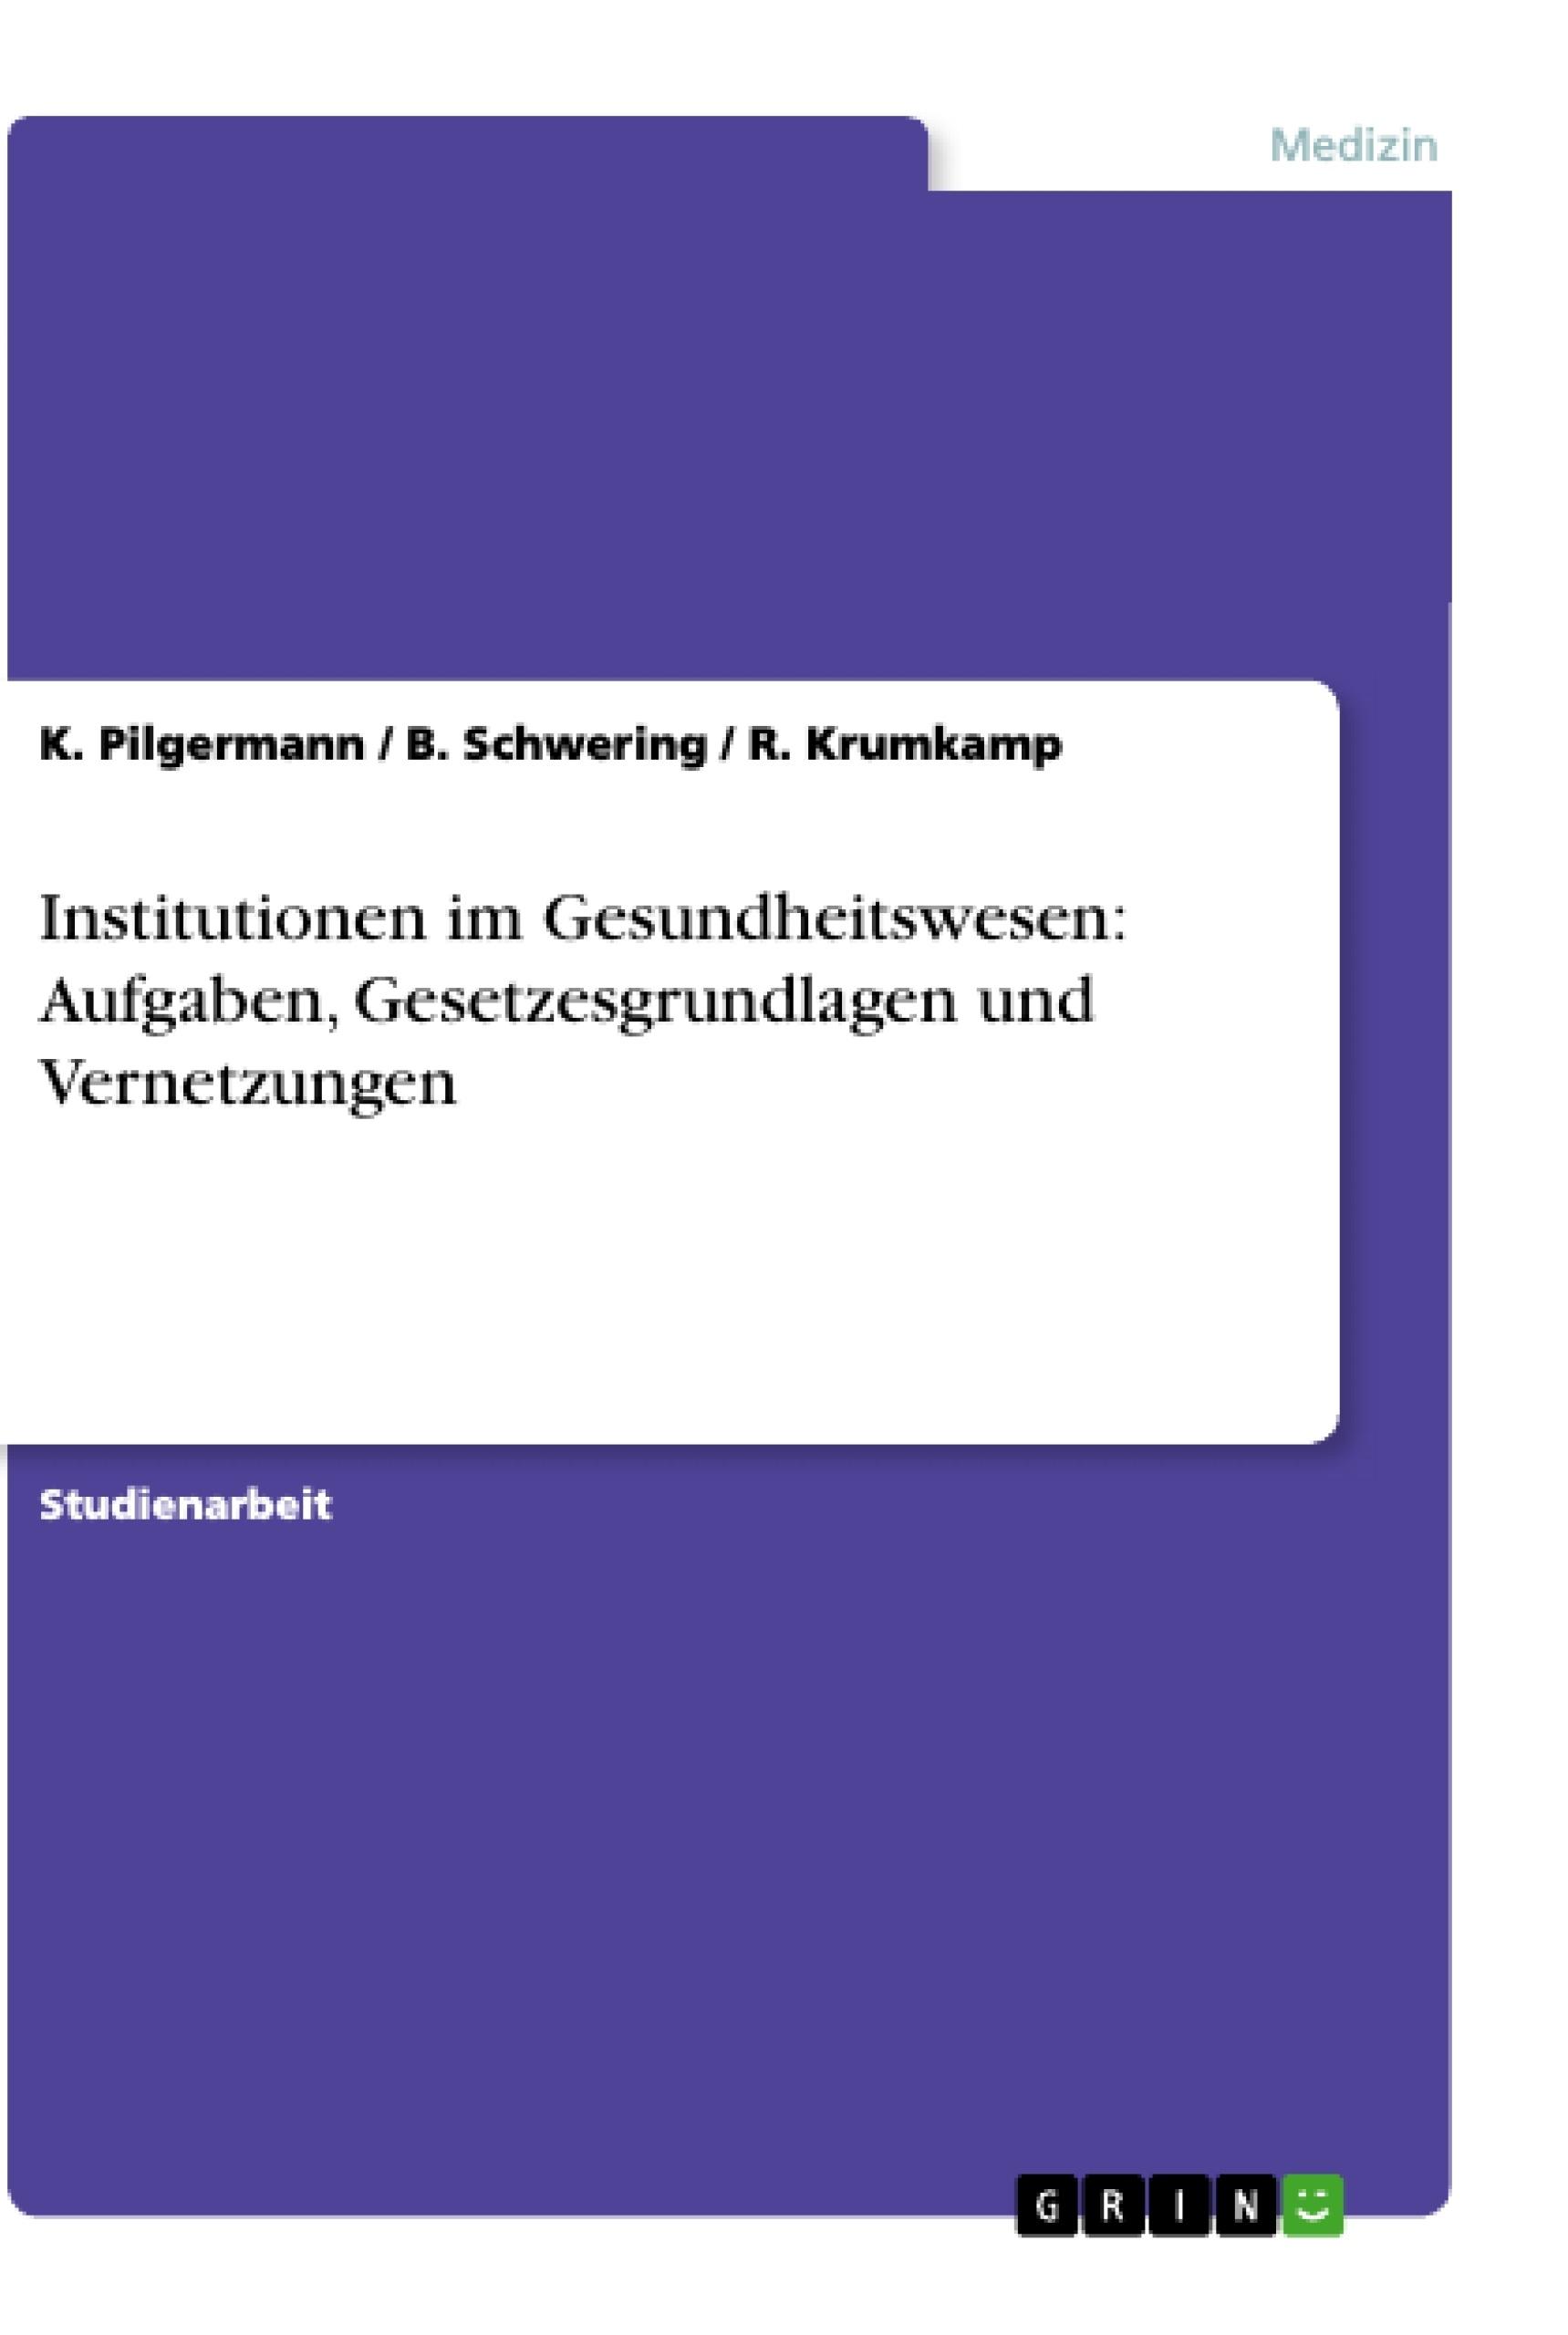 Titel: Institutionen im Gesundheitswesen:  Aufgaben, Gesetzesgrundlagen und Vernetzungen